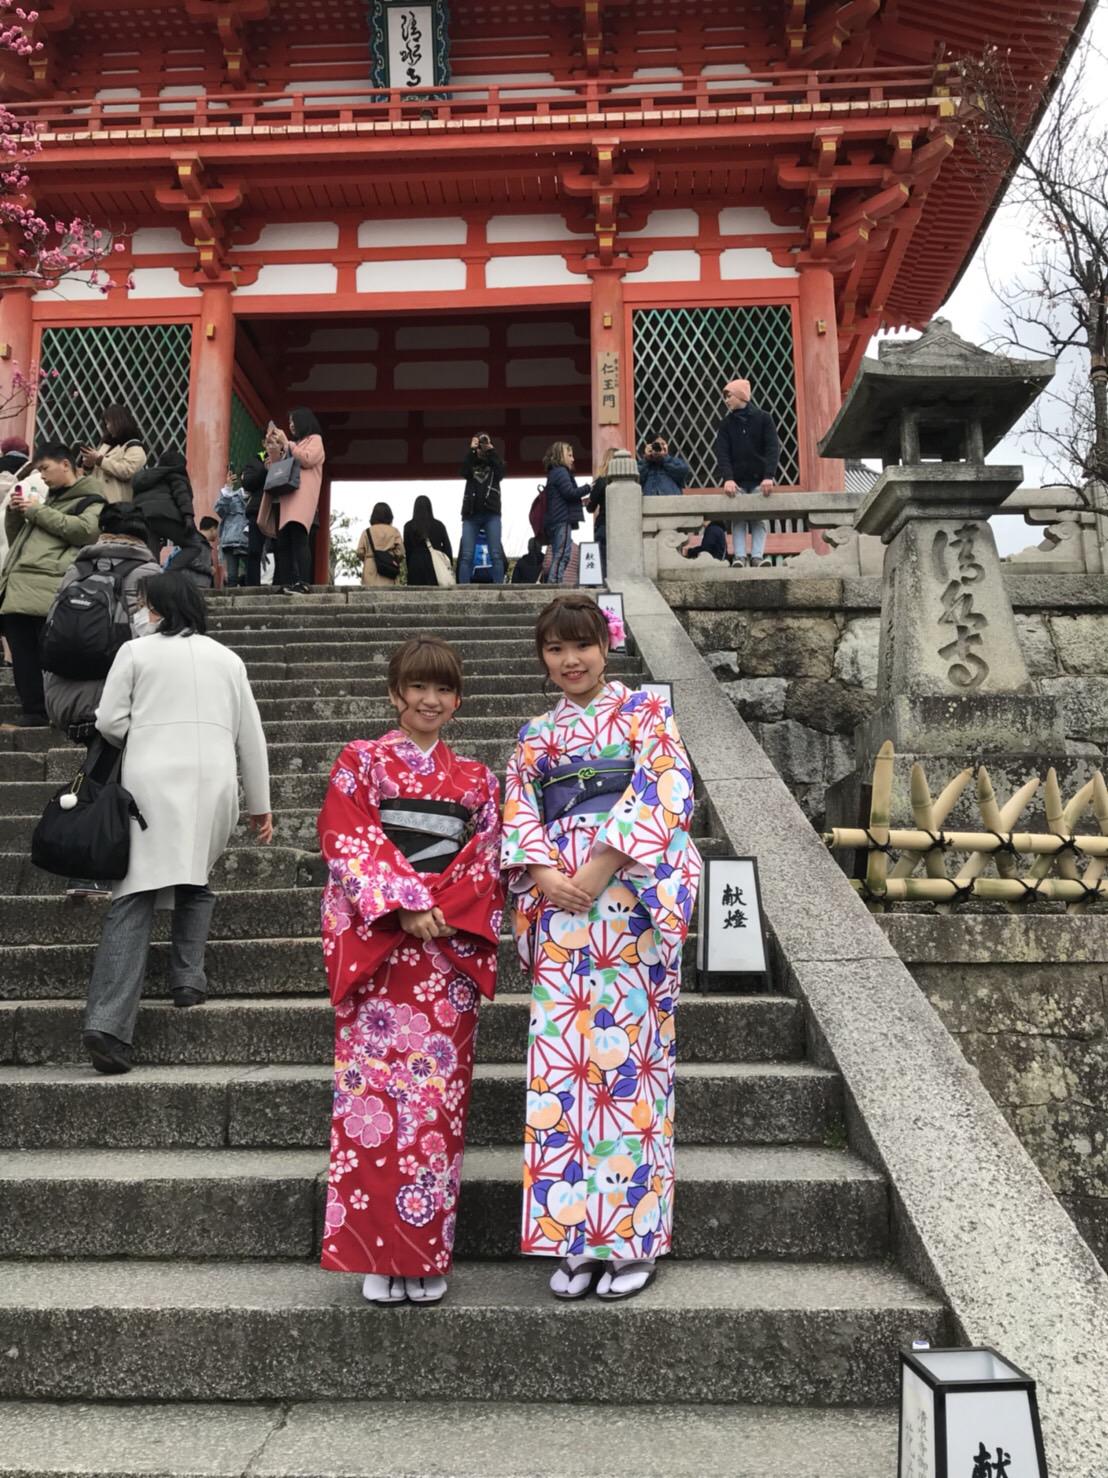 広島から卒業旅行の大学生♡2019年3月14日5